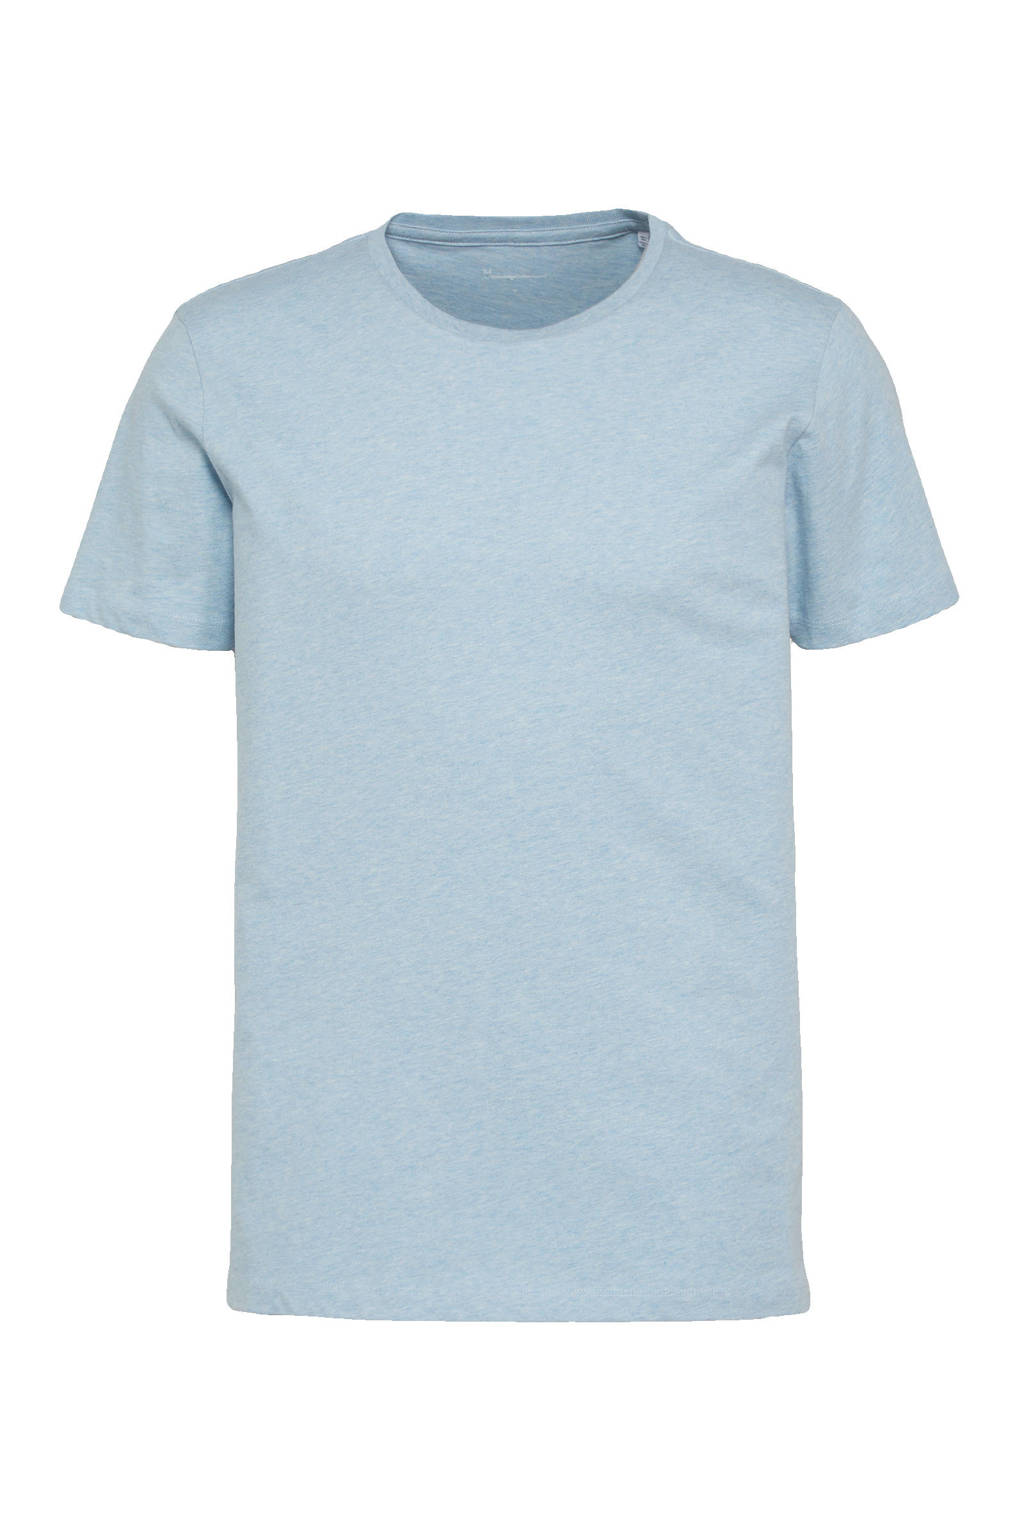 Knowledge Cotton Apparel T-shirt ALDER lichtblauw, Lichtblauw